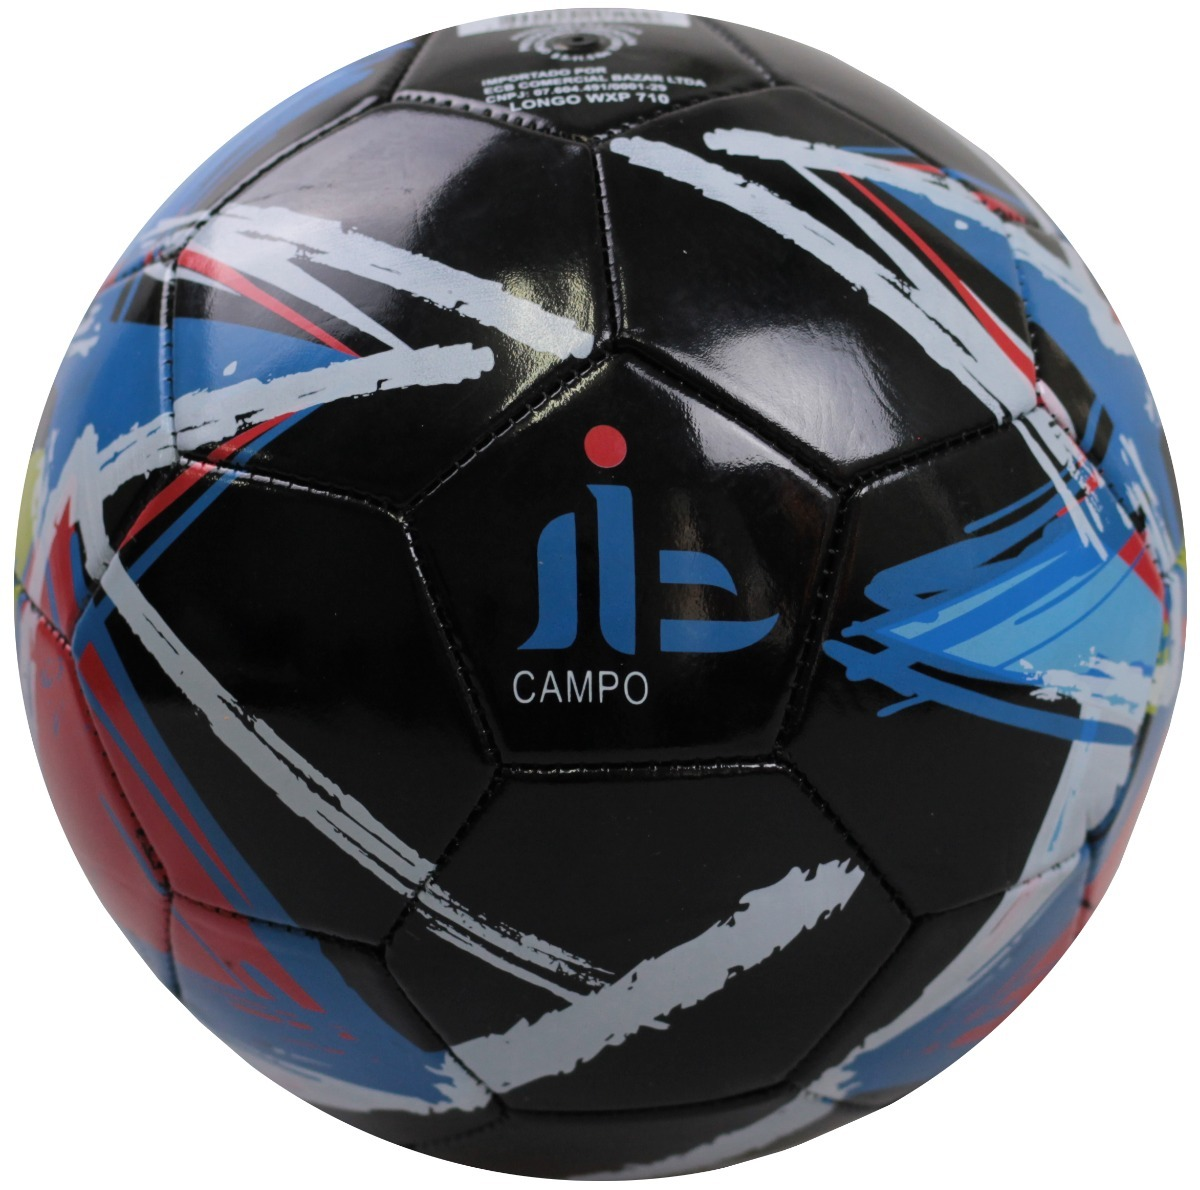 kit 3 bola de futebol de campo de pvc pintada. Carregando zoom. b28ecb25b0a51